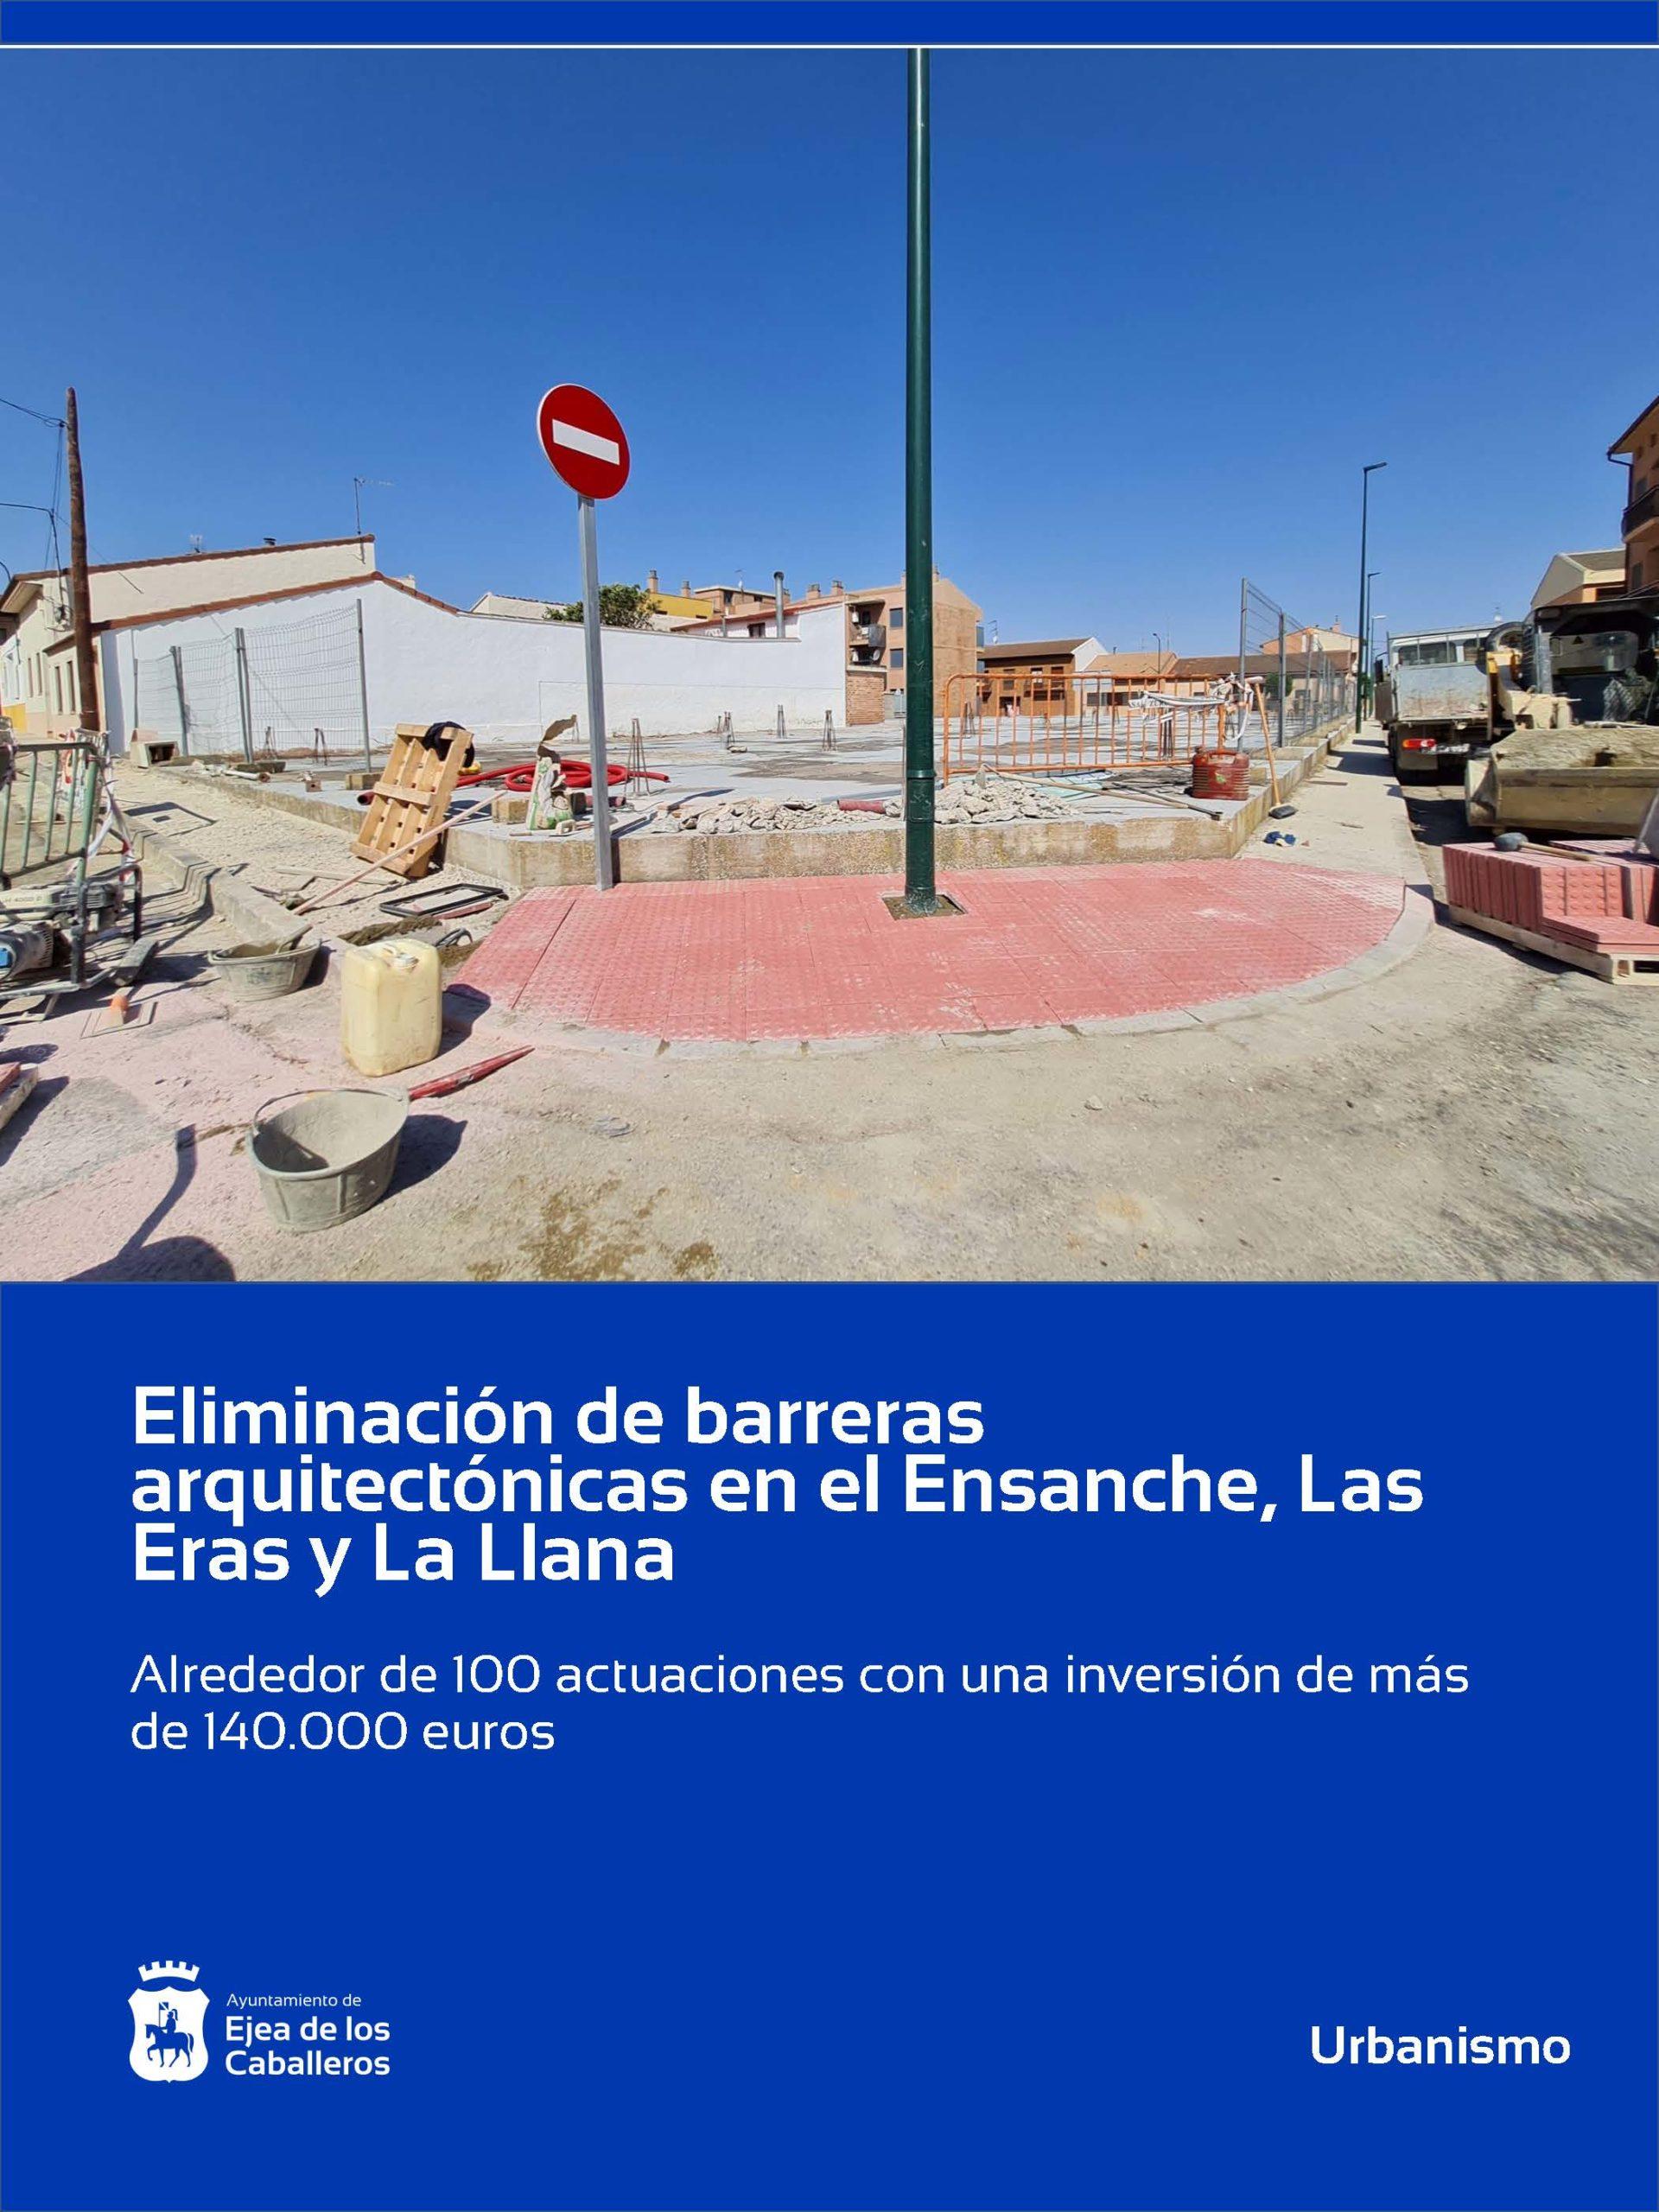 En este momento estás viendo Eliminación de barreras arquitectónicas en el Ensanche y los barrios de Las Eras y La Llana en Ejea